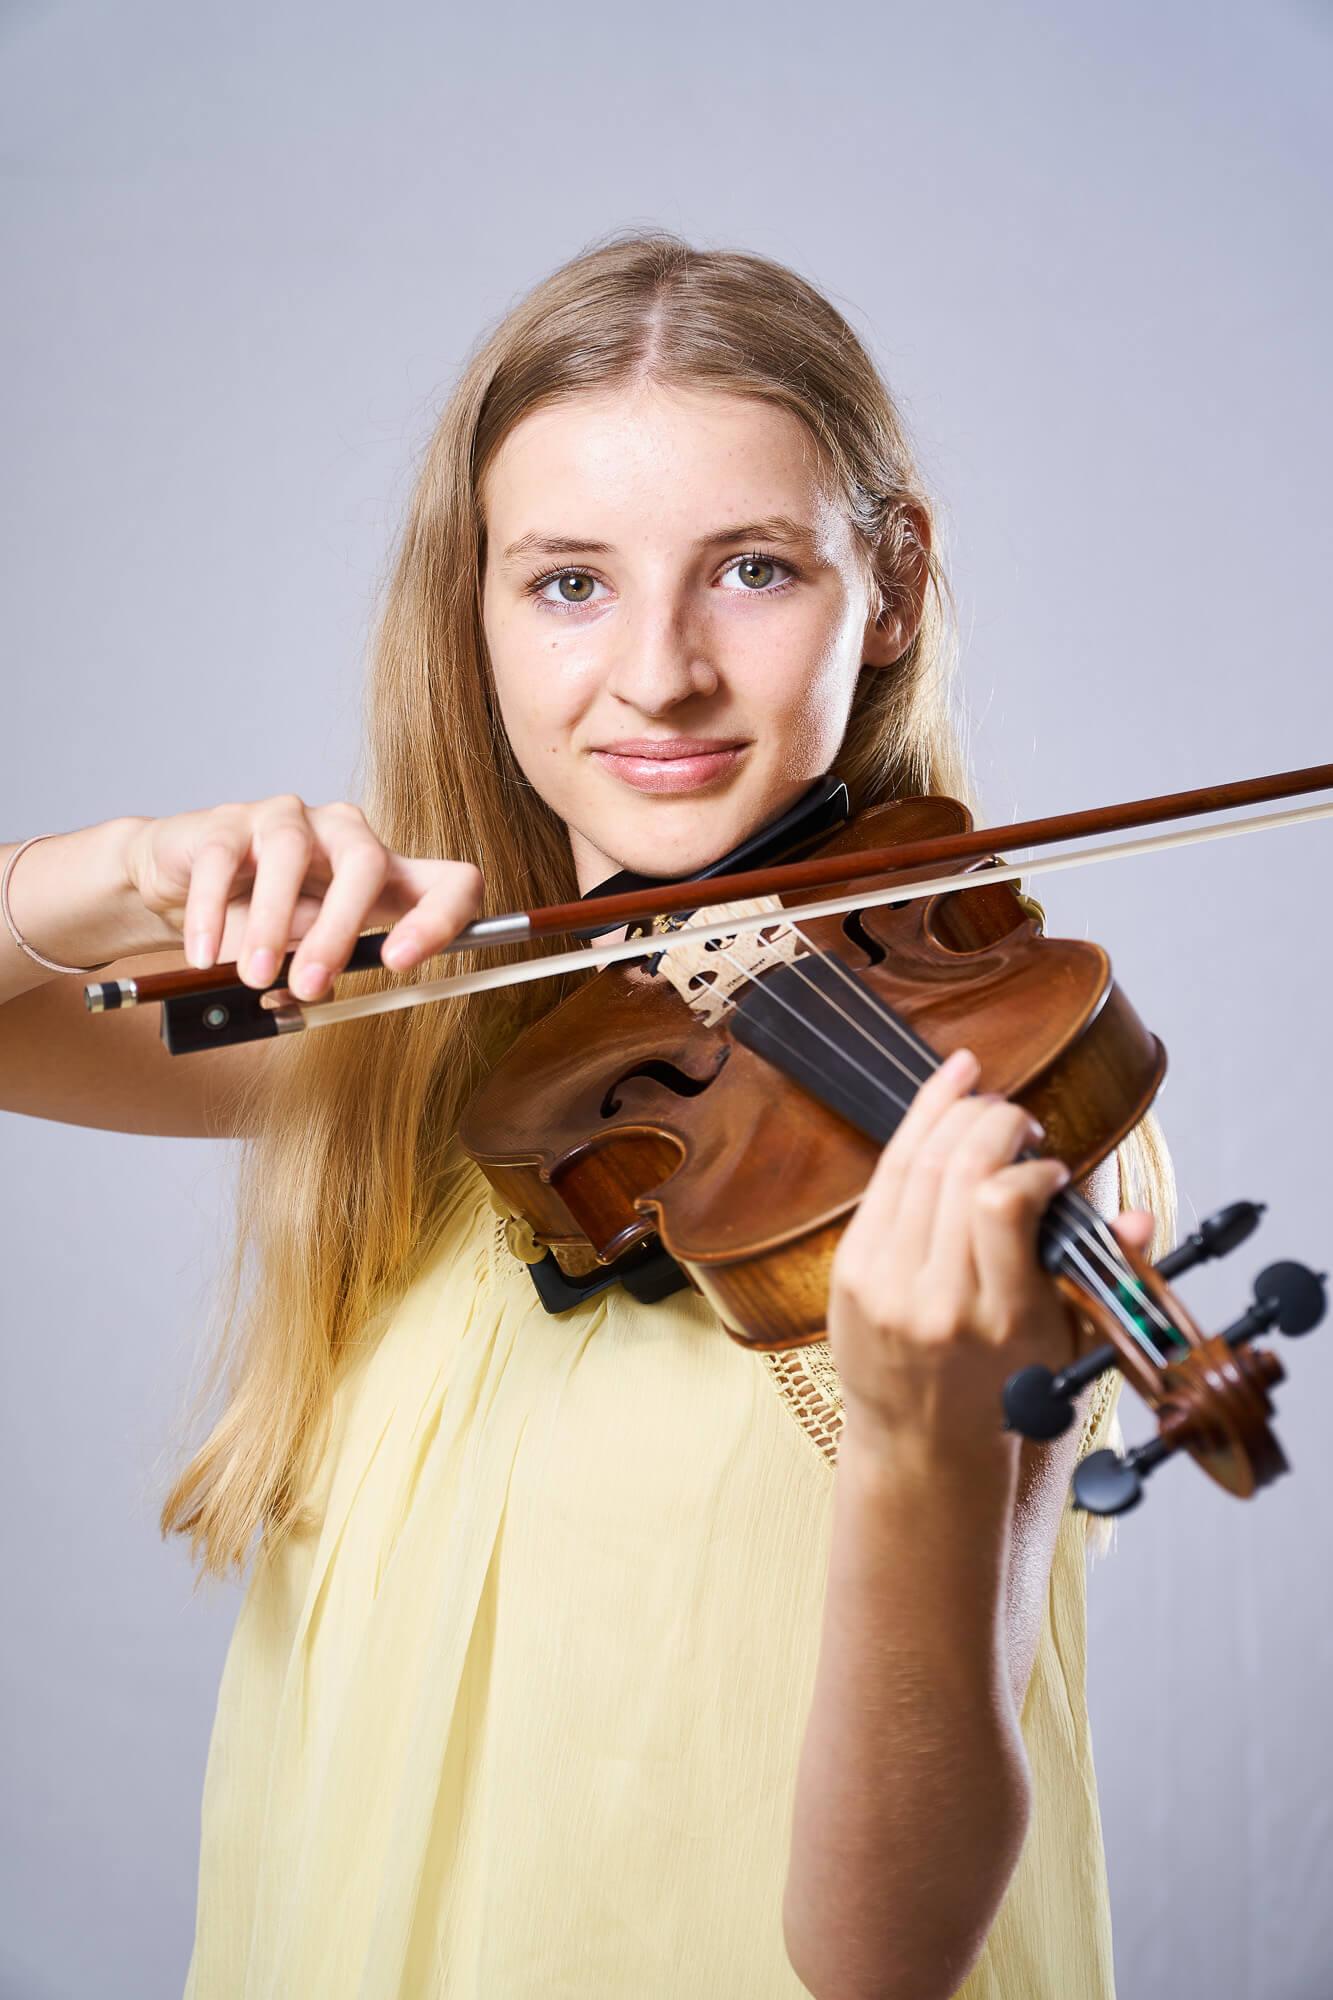 blondes Mädchen mit gelben Kleid spielt Geige